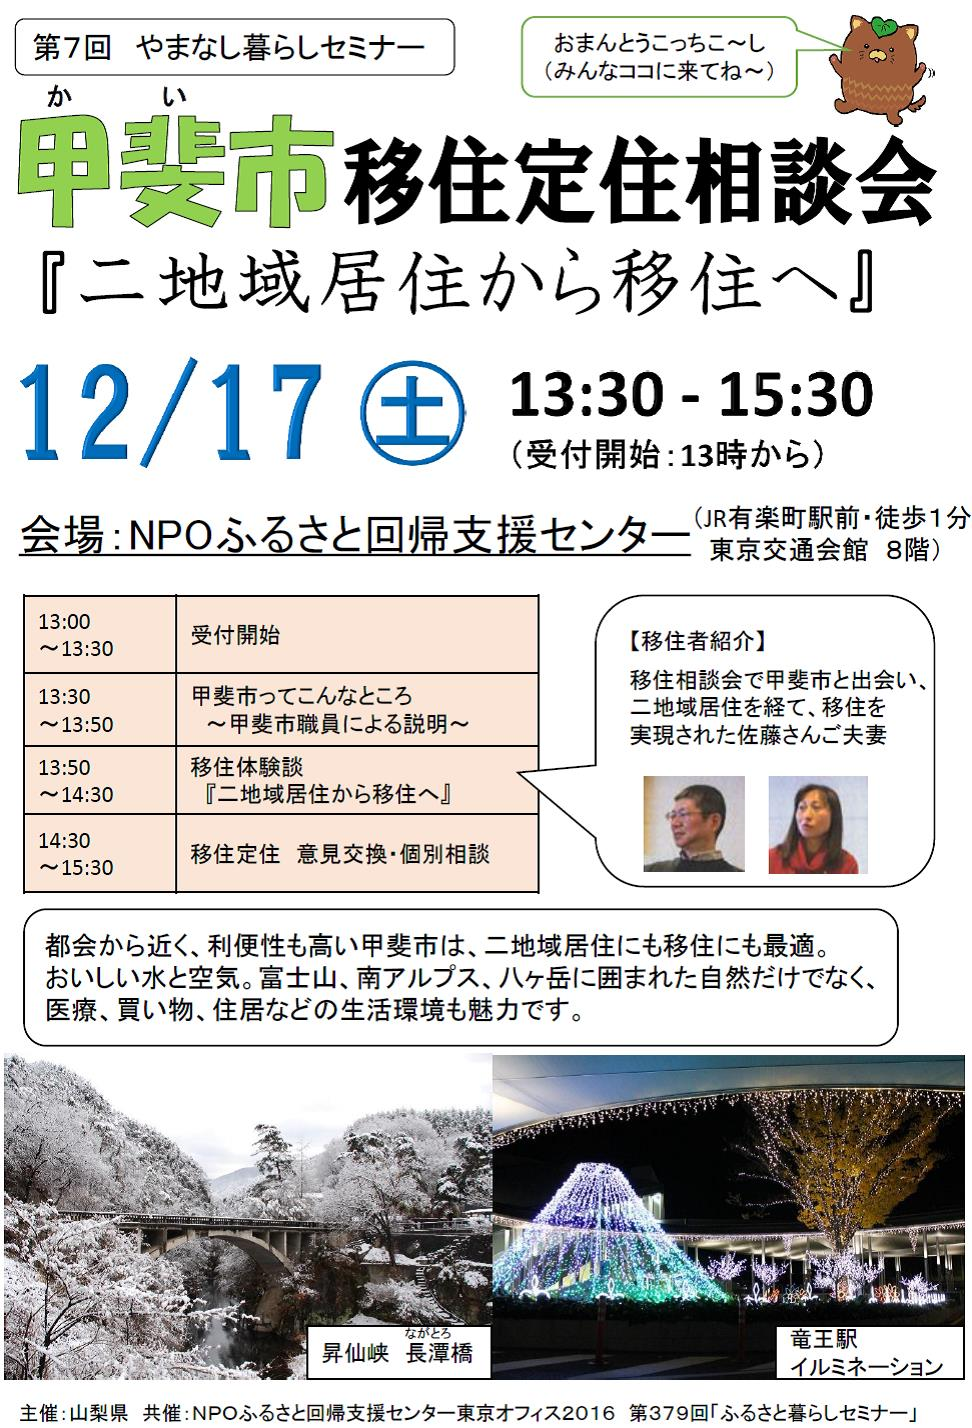 【山梨】甲斐市移住定住相談会 12/17(土)